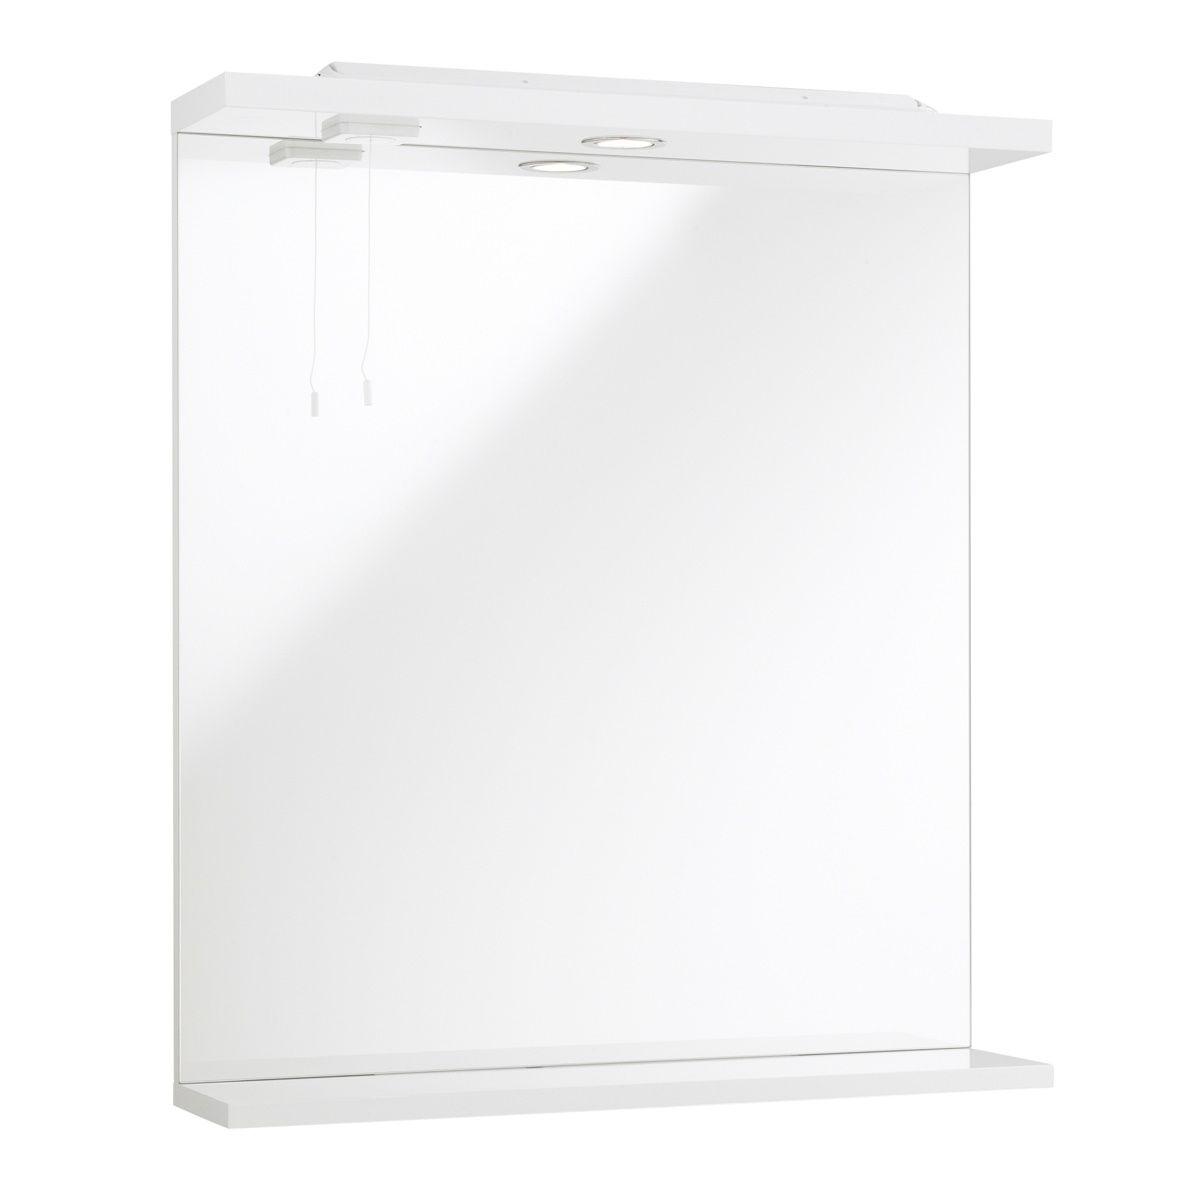 Kartell Impakt Mirror and Light 550mm